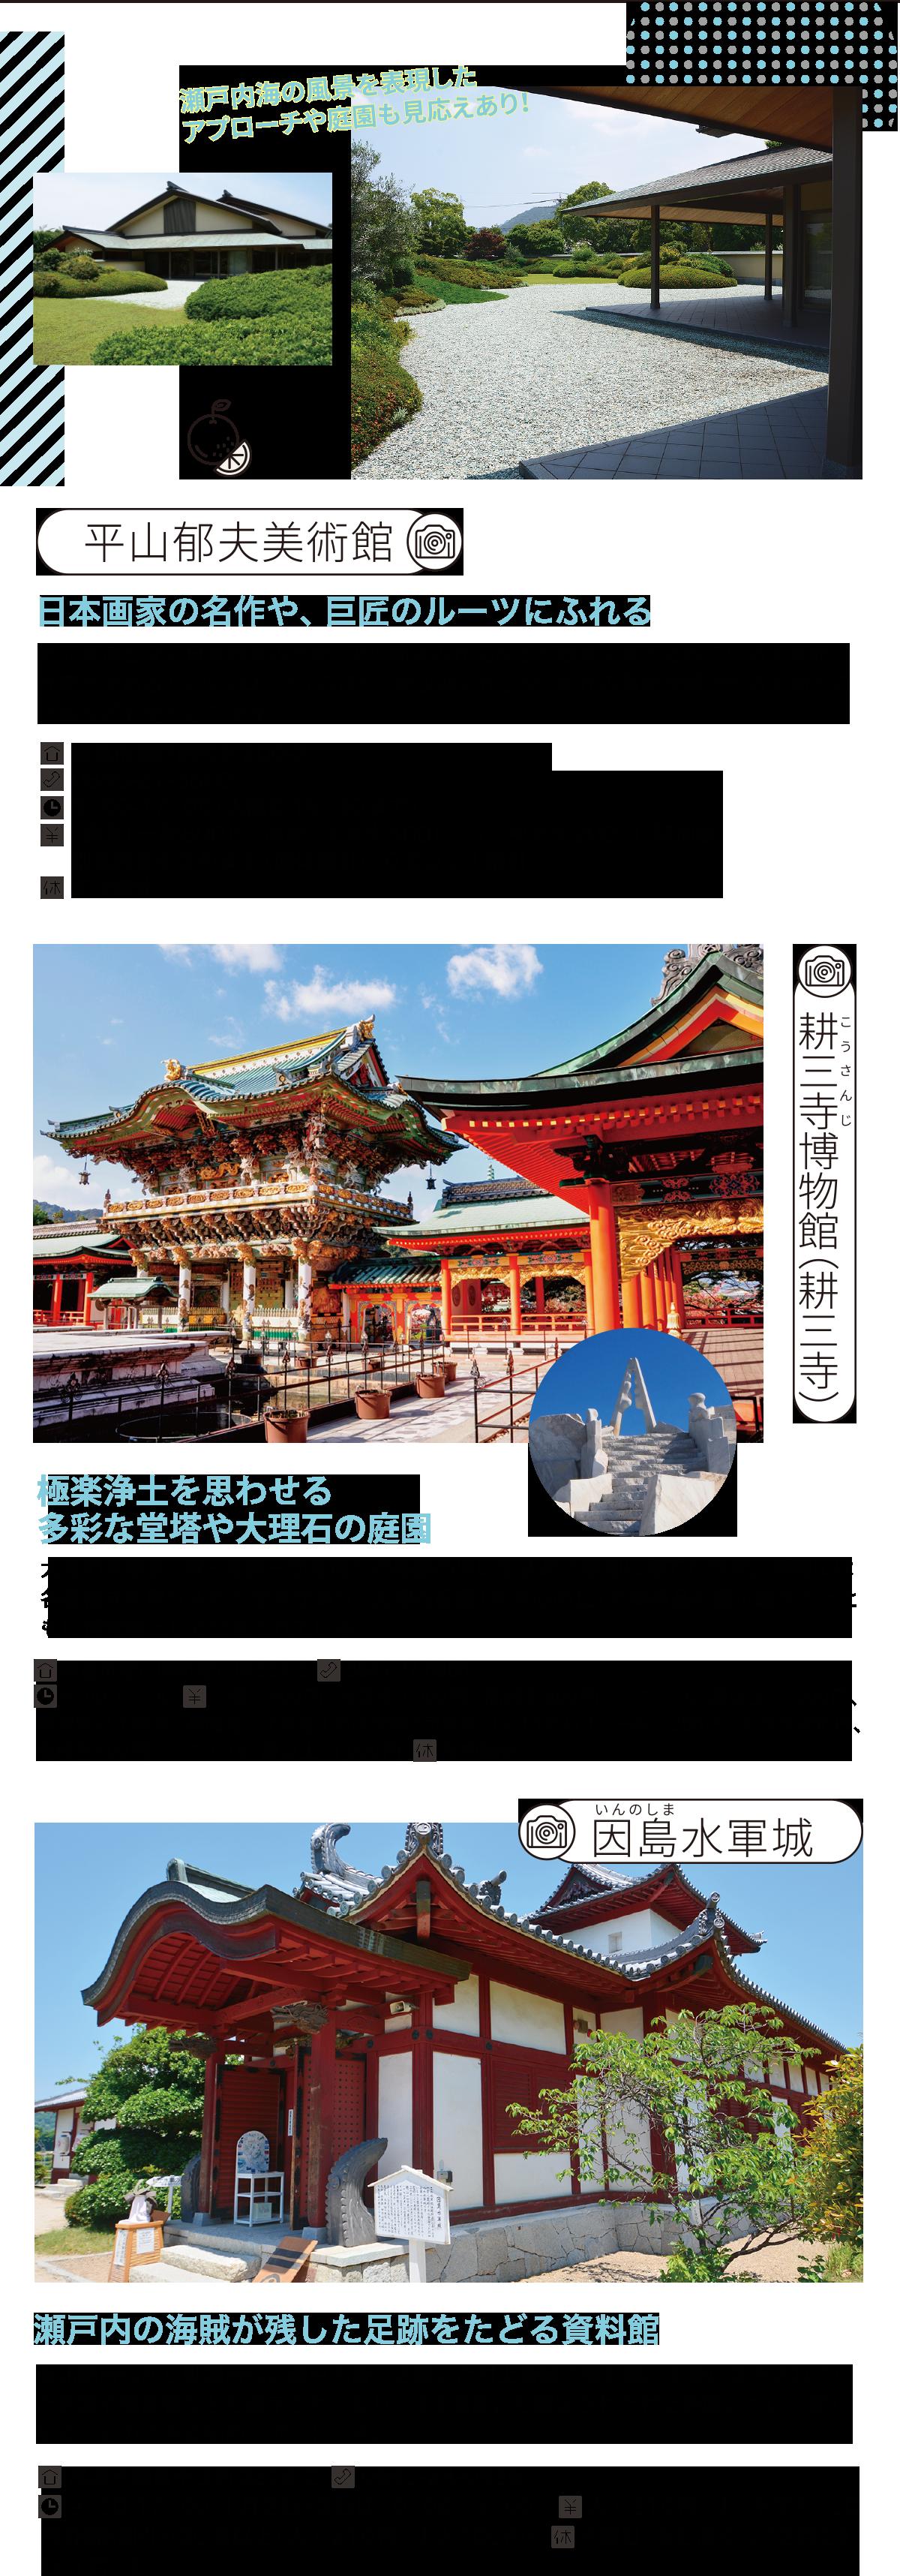 平山郁夫美術館 因島水軍城